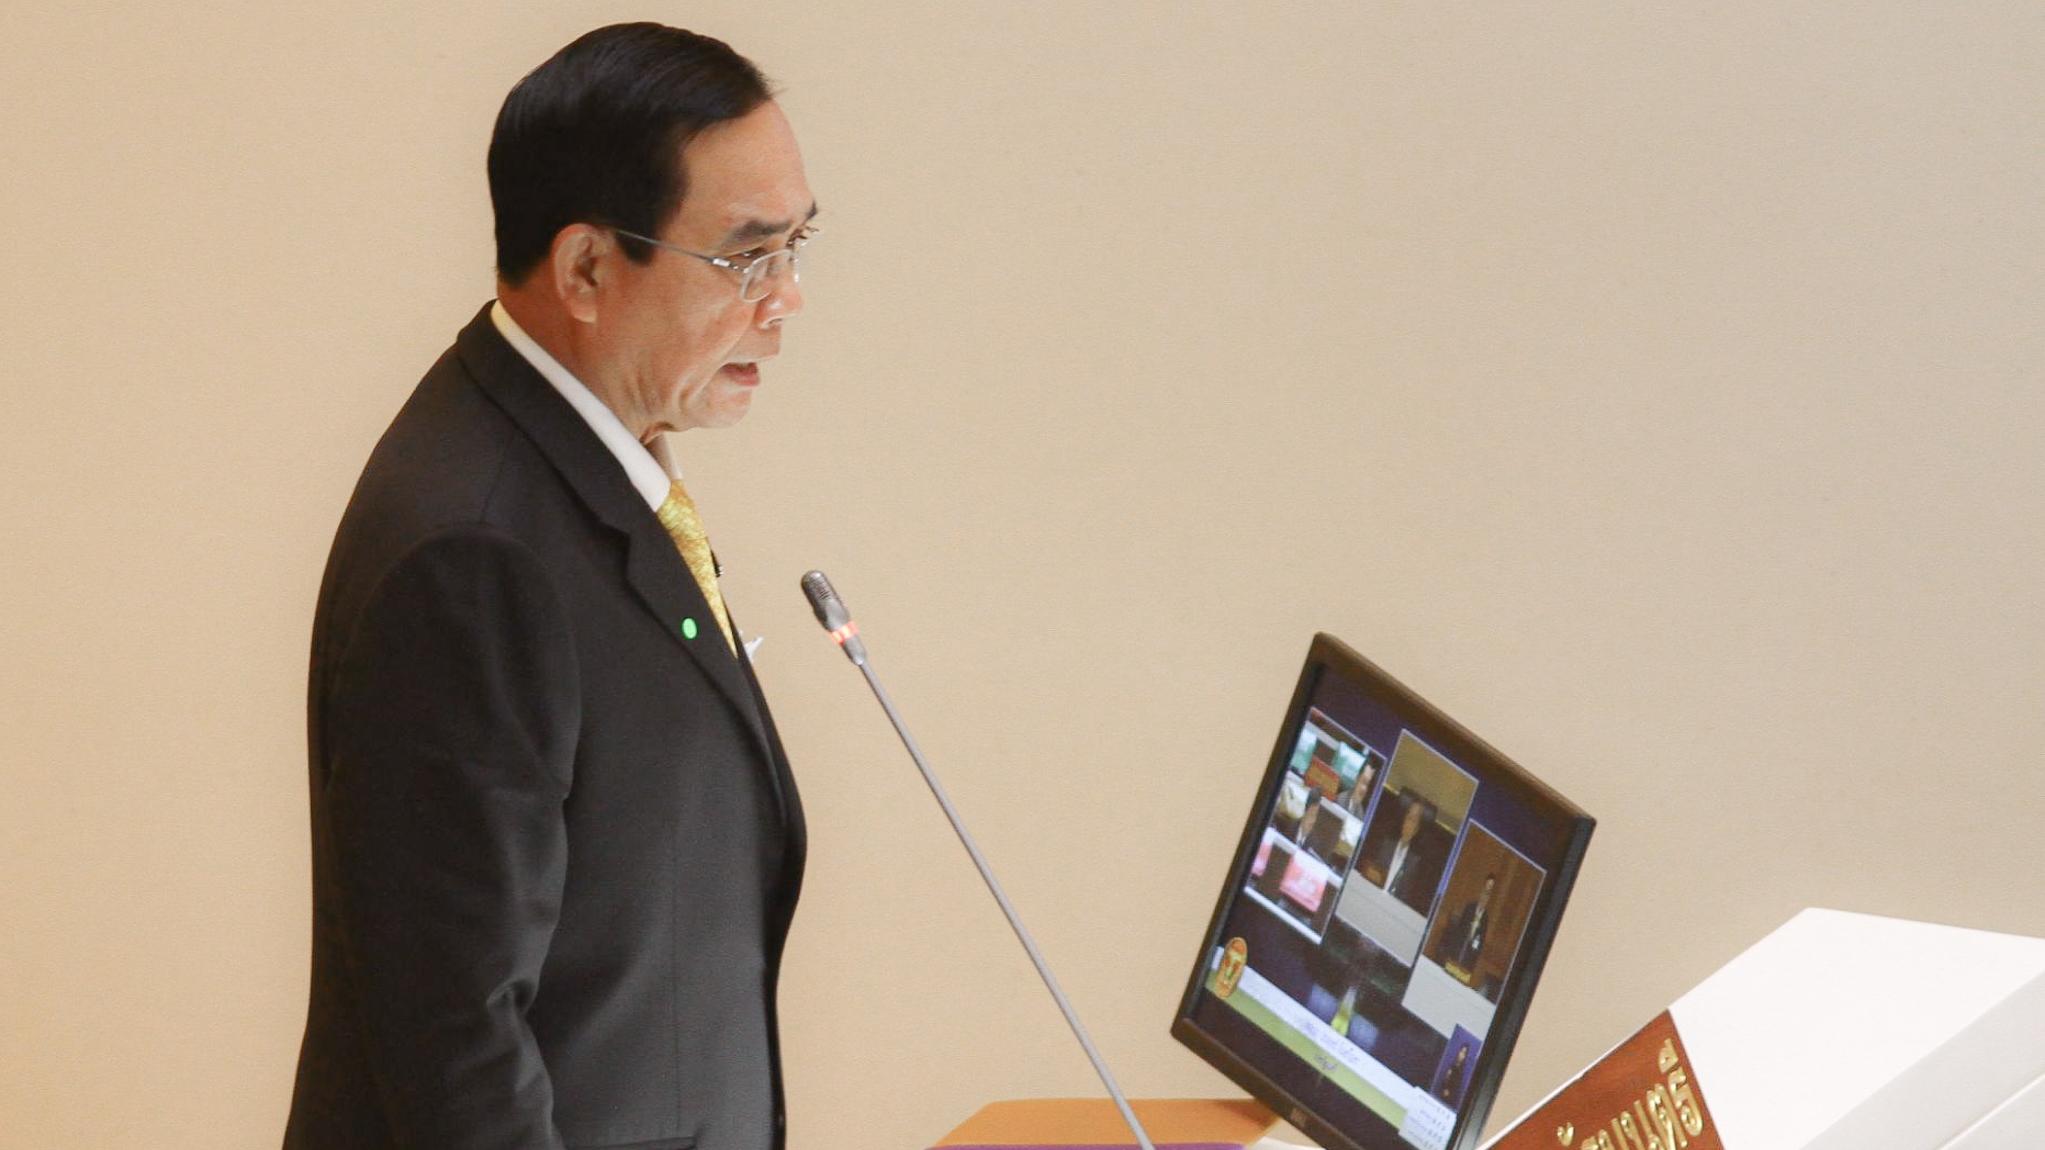 การเมือง ข่าวการเมือง นายกรัฐมนตรี พลเอกประยุทธ์ จันทร์โอชา